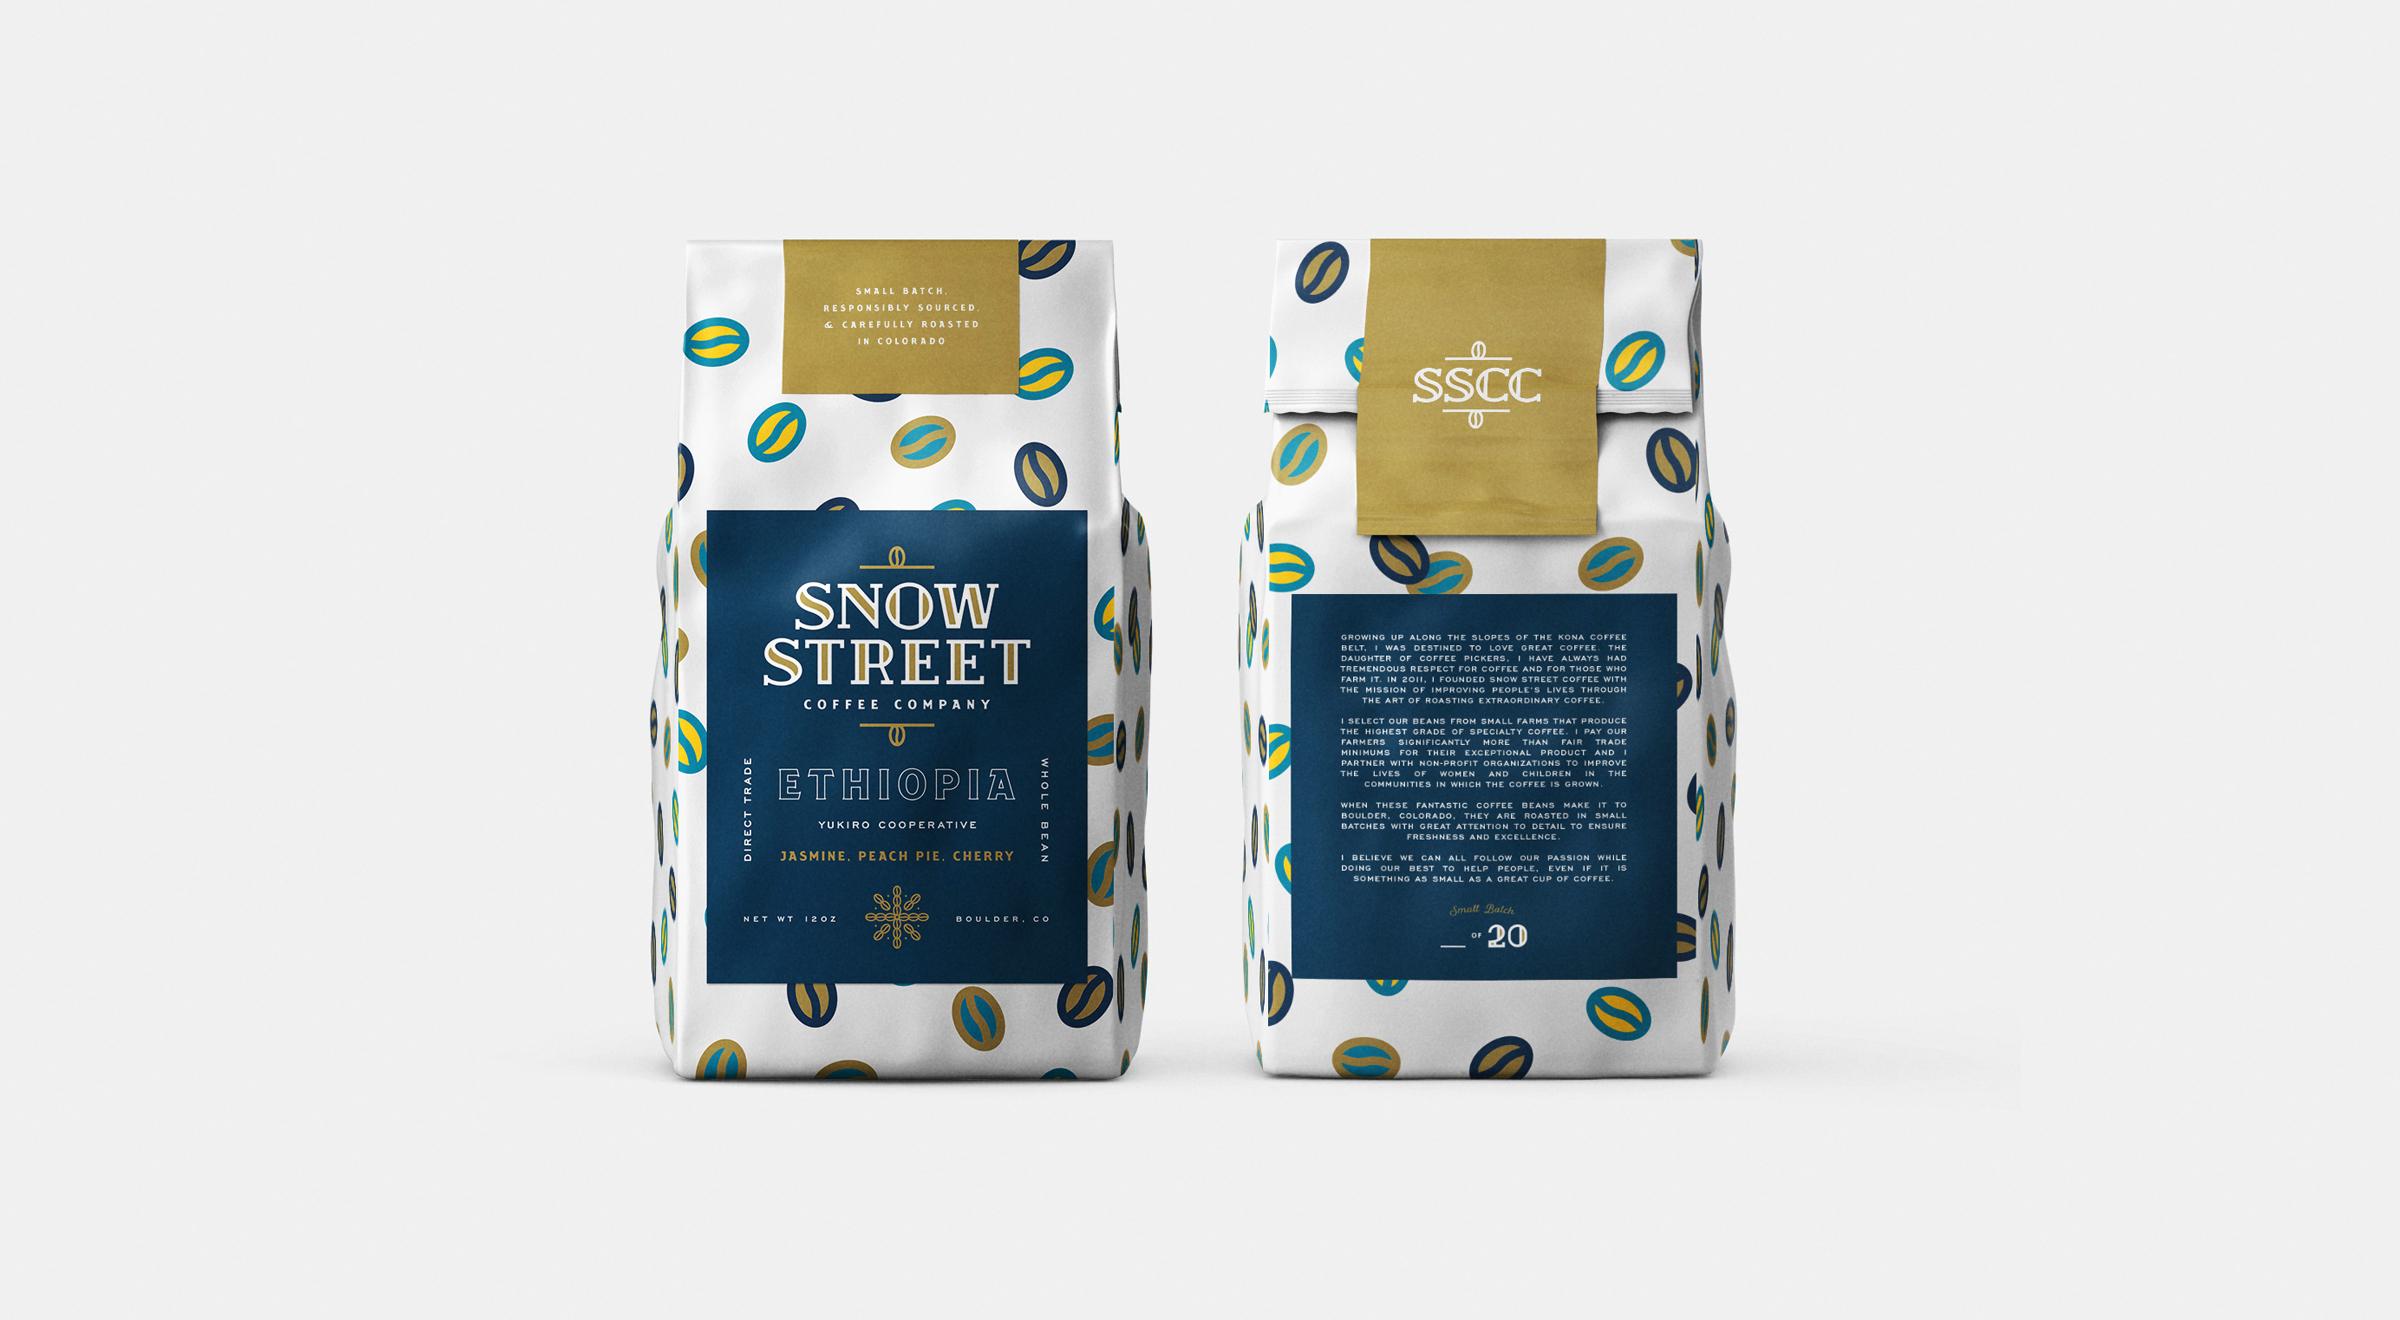 TBS_SnowStreet_Bags_1